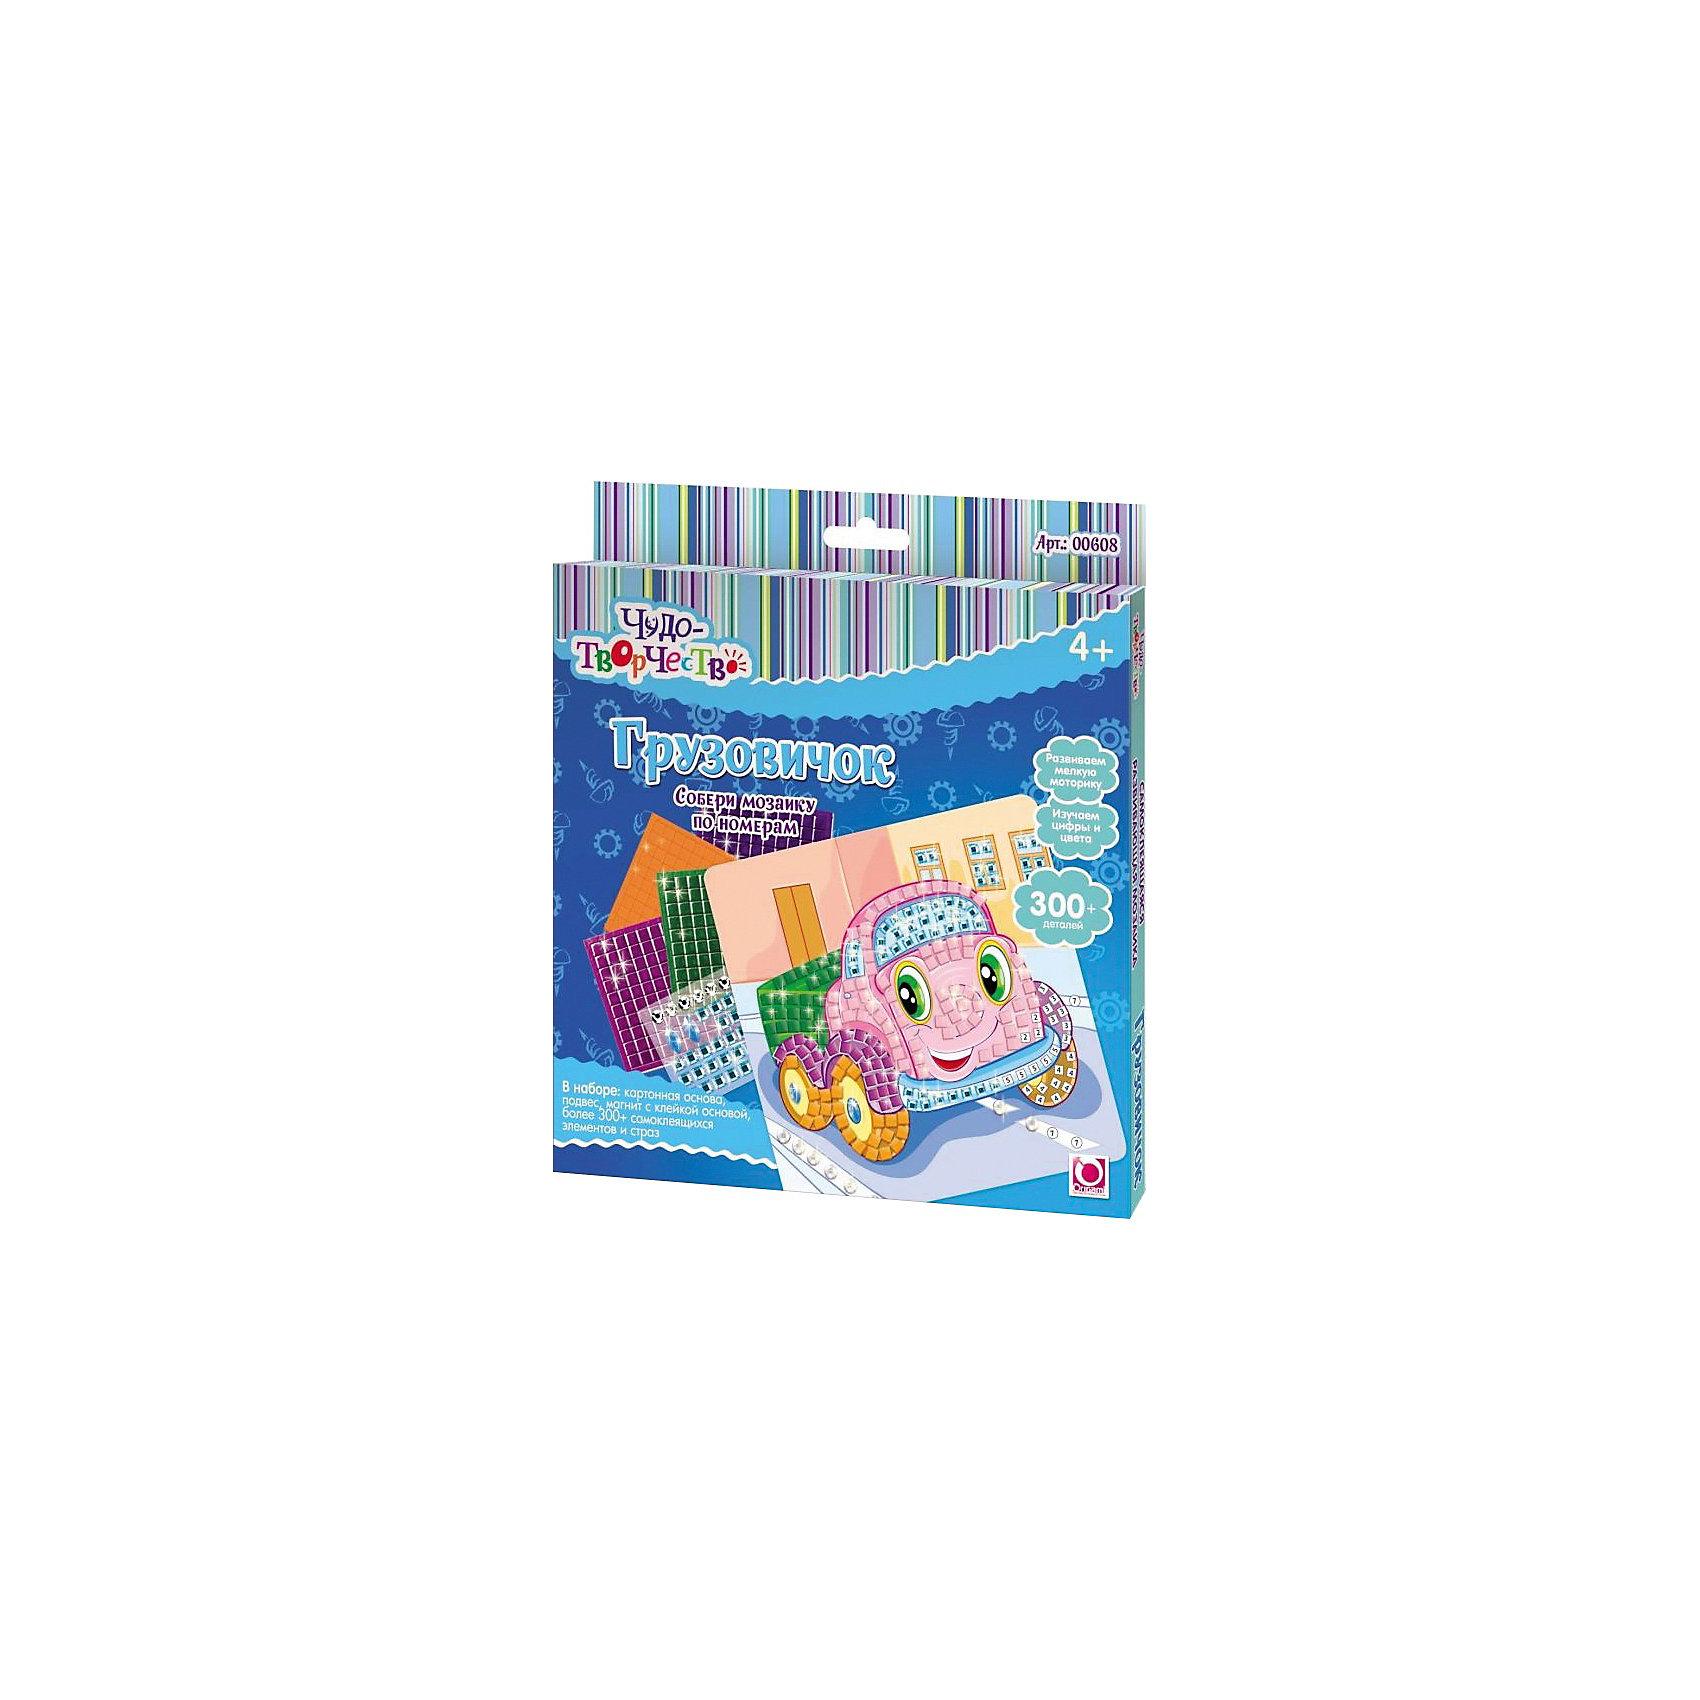 Origami Самоклеющаяся мозаика Грузовичок, Оригами мозайка из пайеток волшебная мастерская рыбка 3d 04